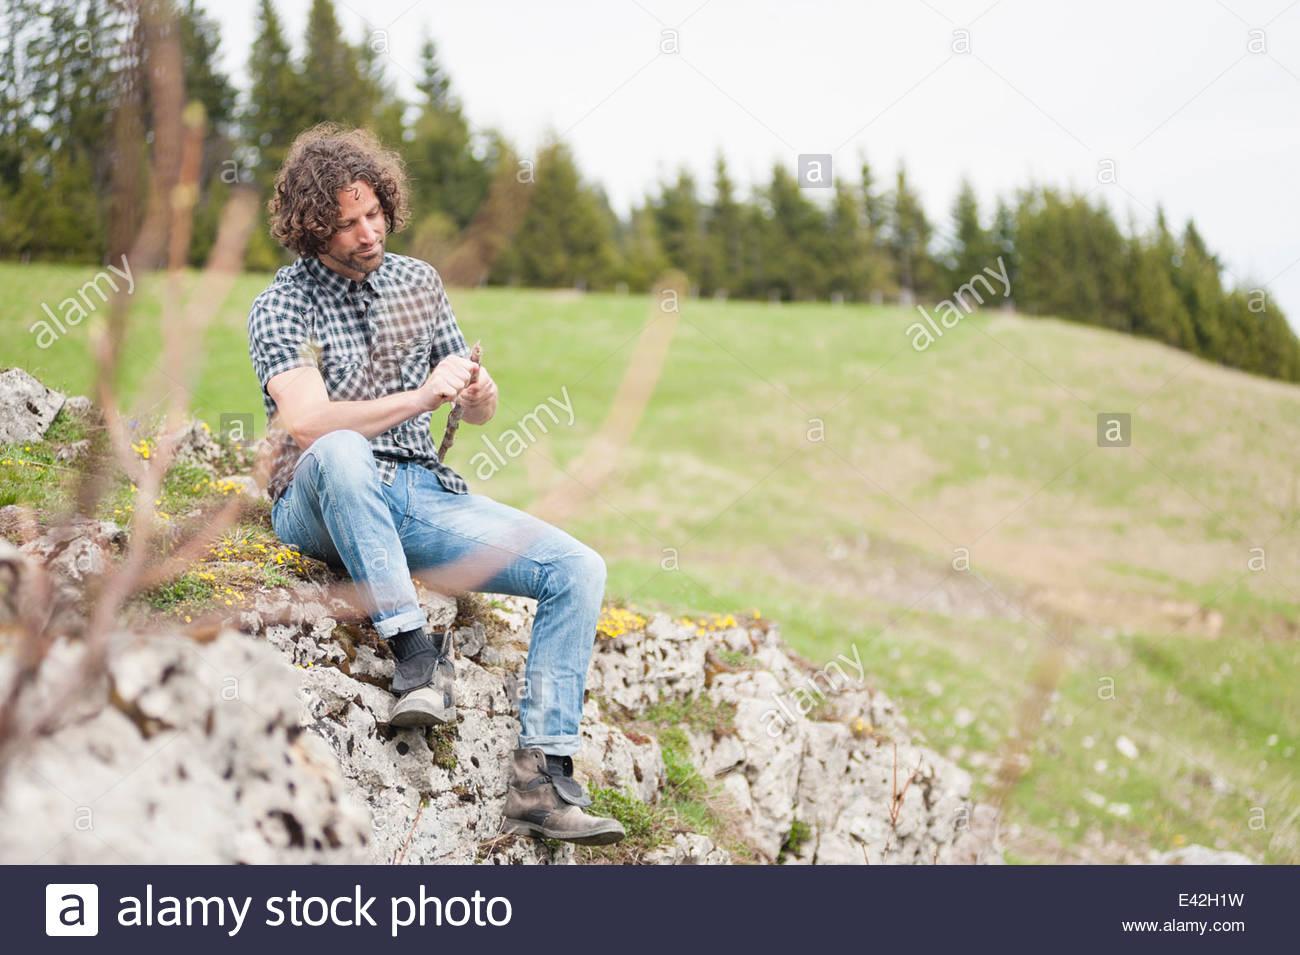 Metà uomo adulto carving un bastone con temperino Wallberg, Tegernsee, Baviera, Germania Immagini Stock